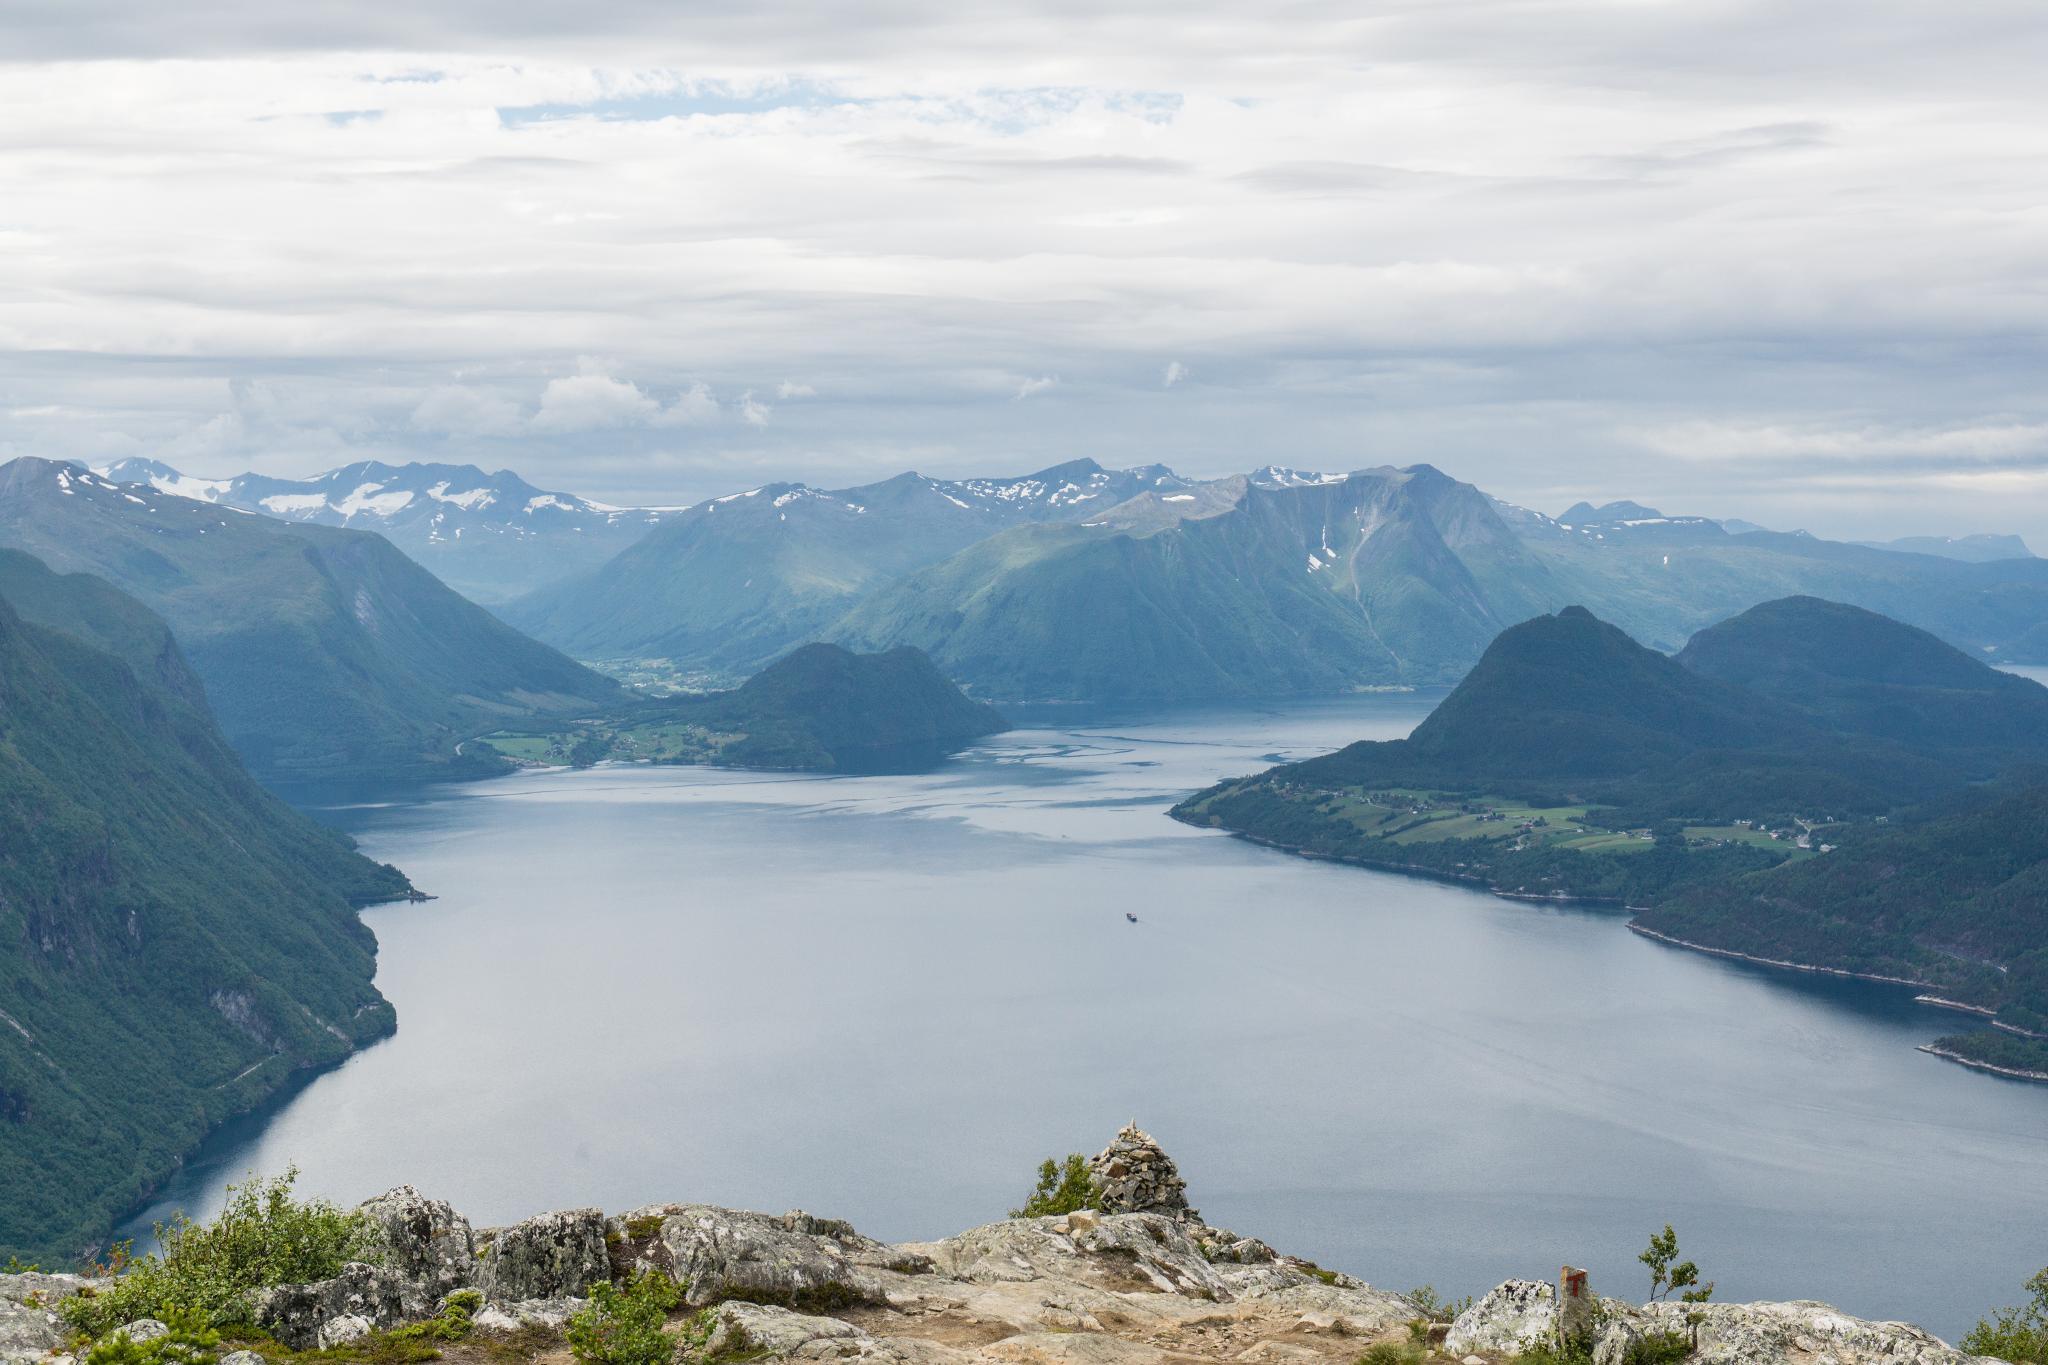 【北歐景點】峽灣區起點Åndalsnes健行 - 鳥瞰峽灣全景的Rampestreken觀景台 30